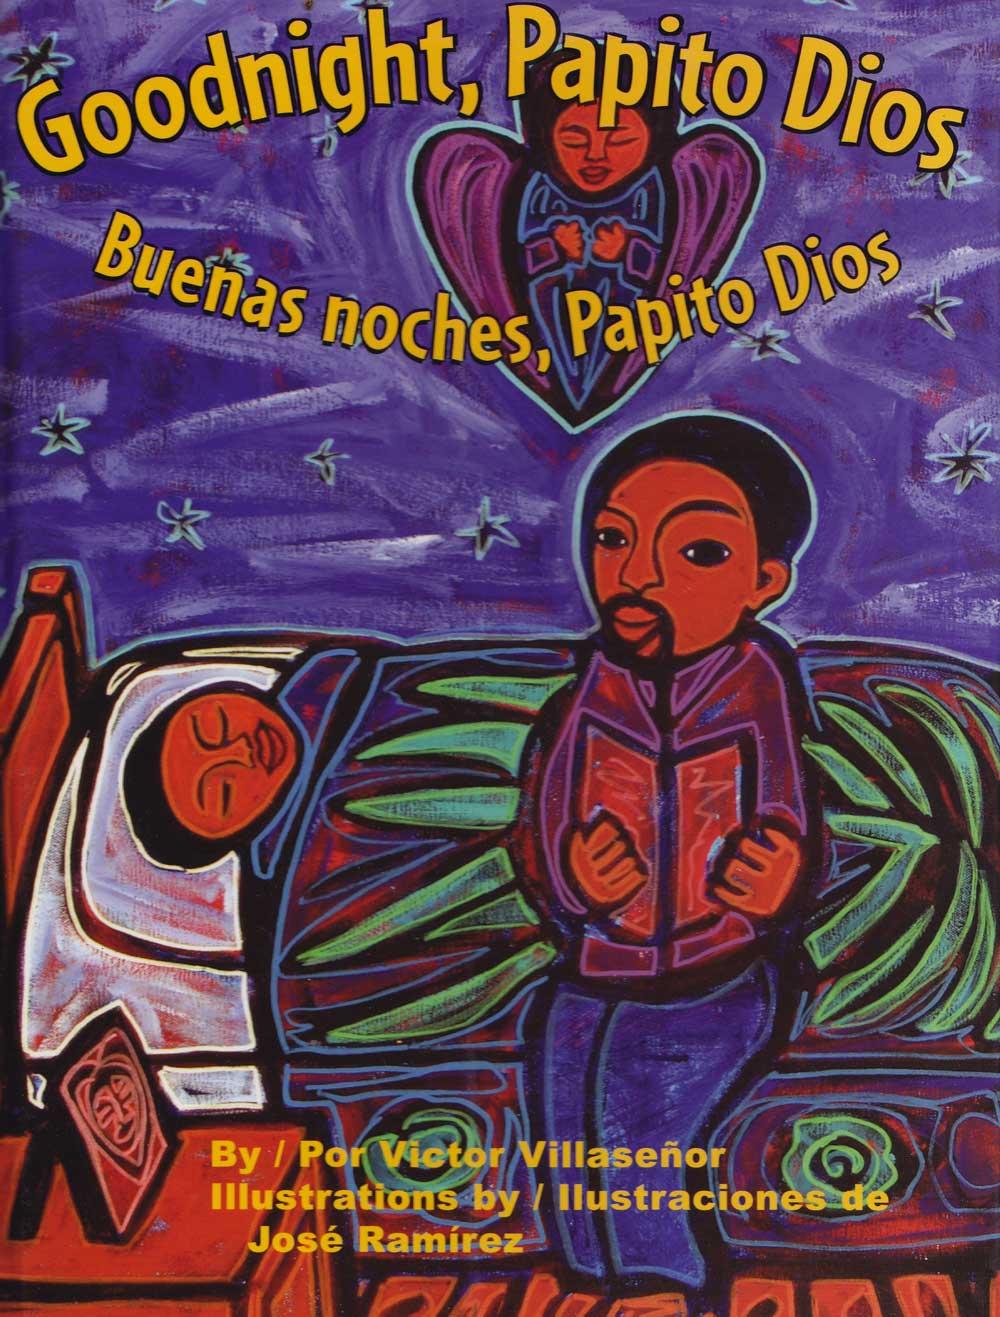 noches papito dios goodnight papito dios del sol books buenas noches papito dios goodnight papito dios del sol books